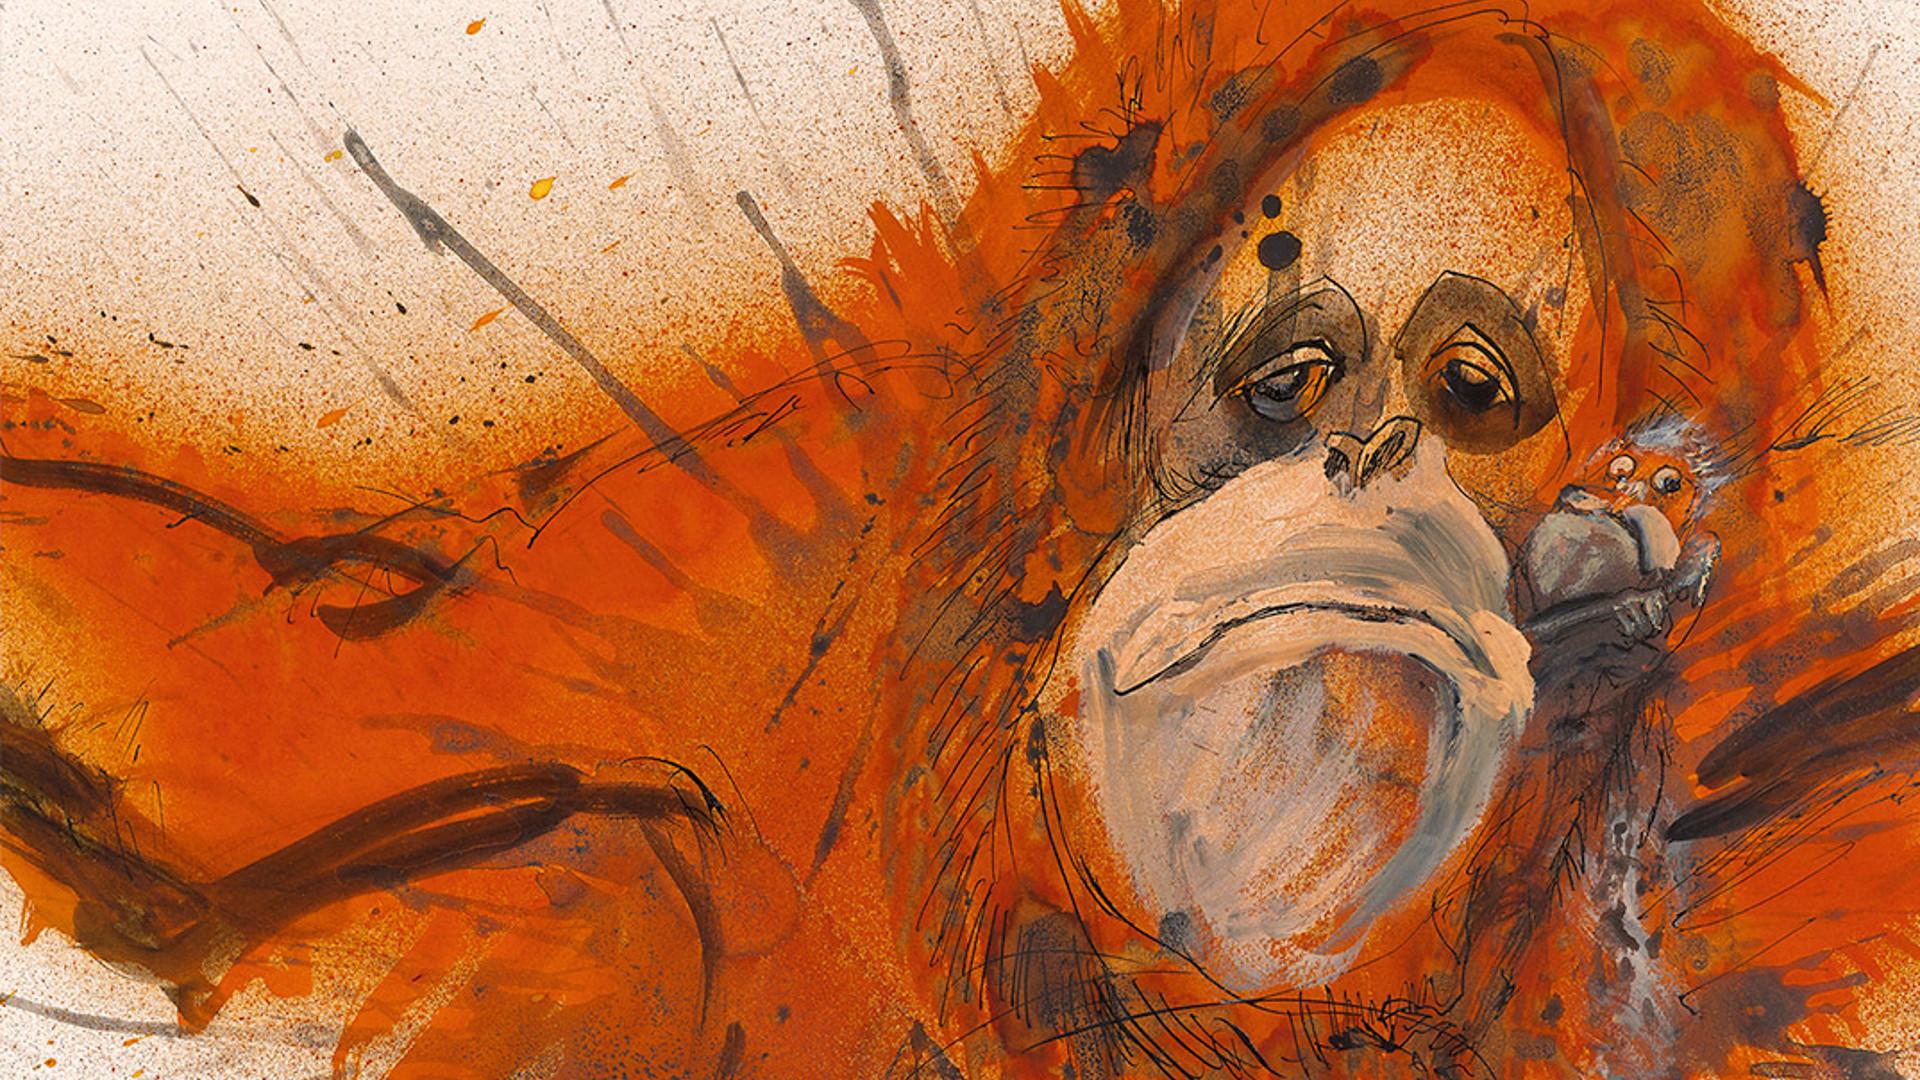 Res: 1920x1080, Crittical critter orangutan. Artist Ralph Steadman ...